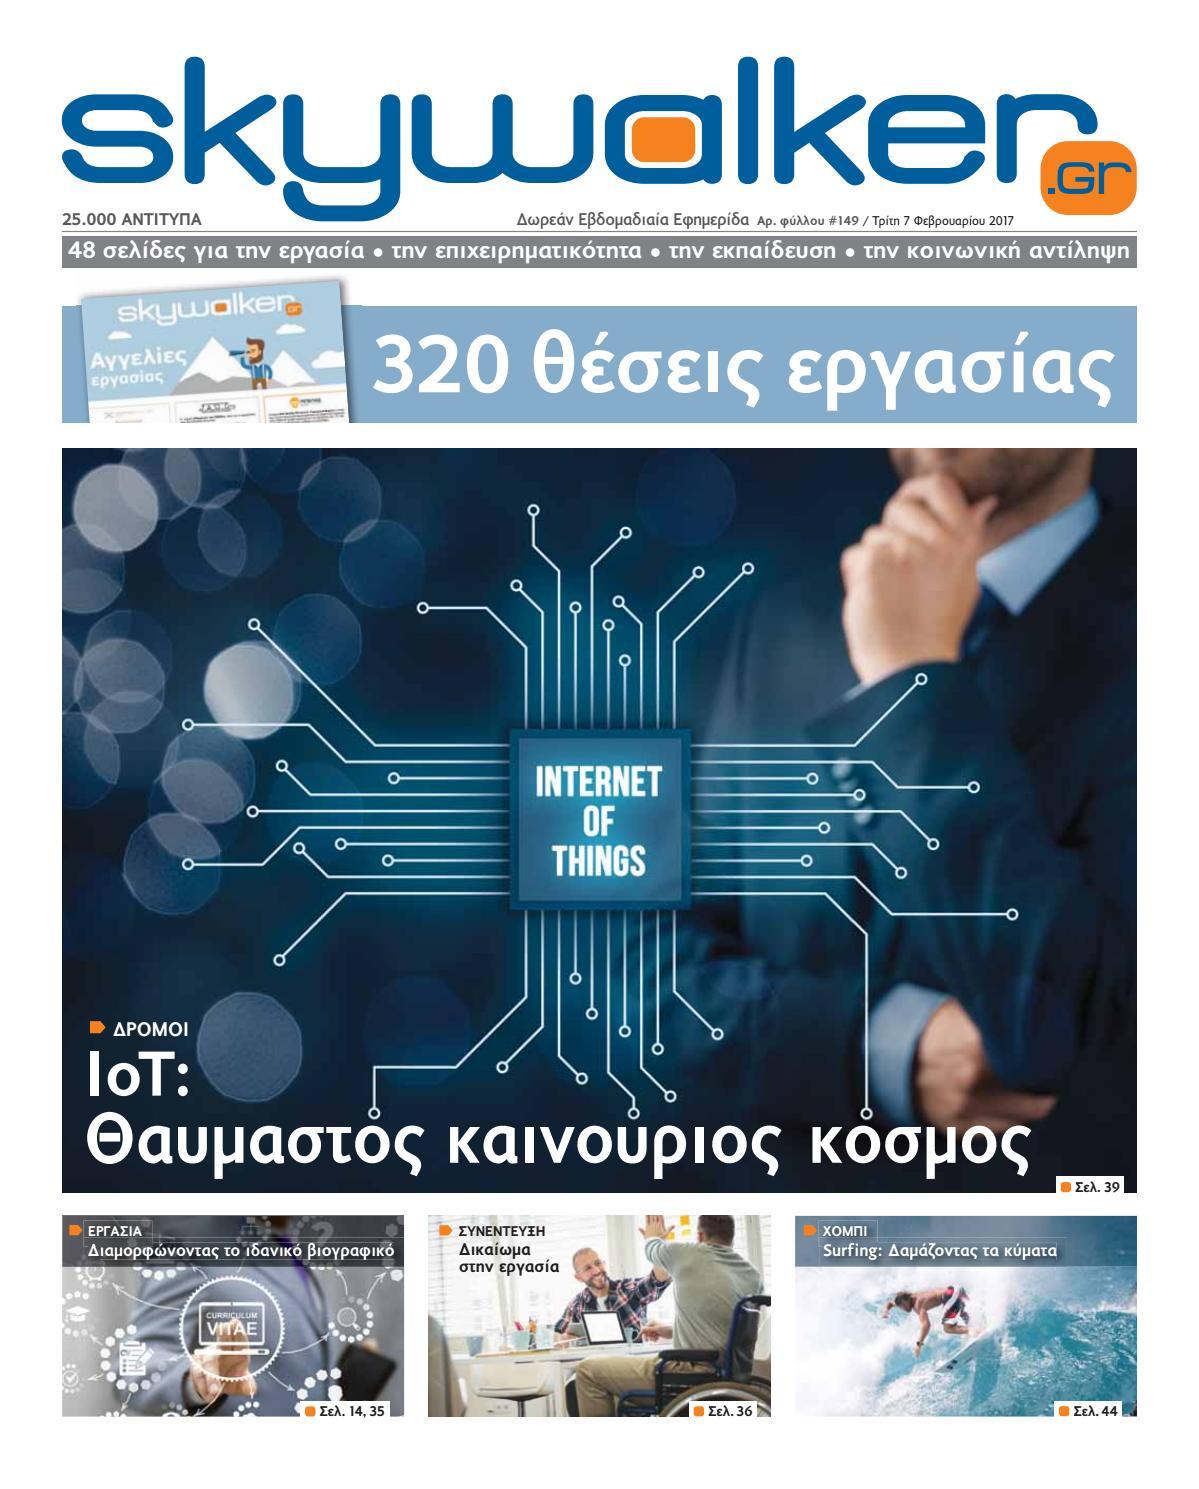 Skywalker free press 7 Φεβρουαρίου 2017 by Skywalker GR - issuu d8723e0a192